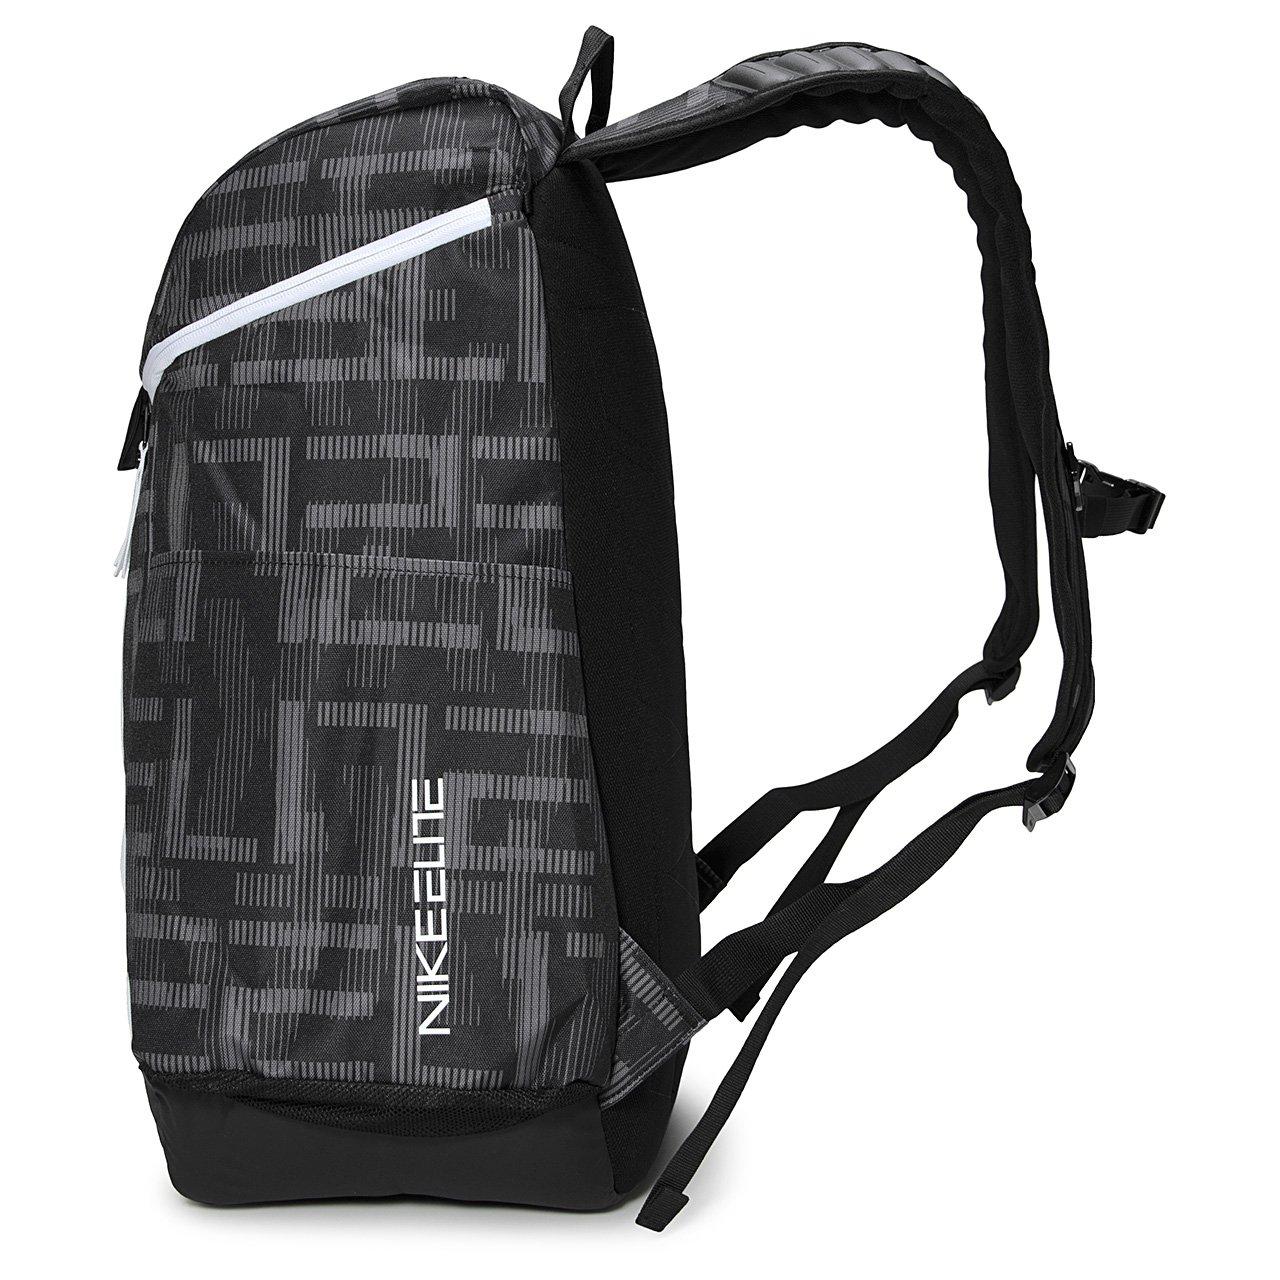 63dc60318b93 Nike Hoops Elite Max Air Basketball Backpack Gunsmoke Black White  Amazon.co.uk   Clothing